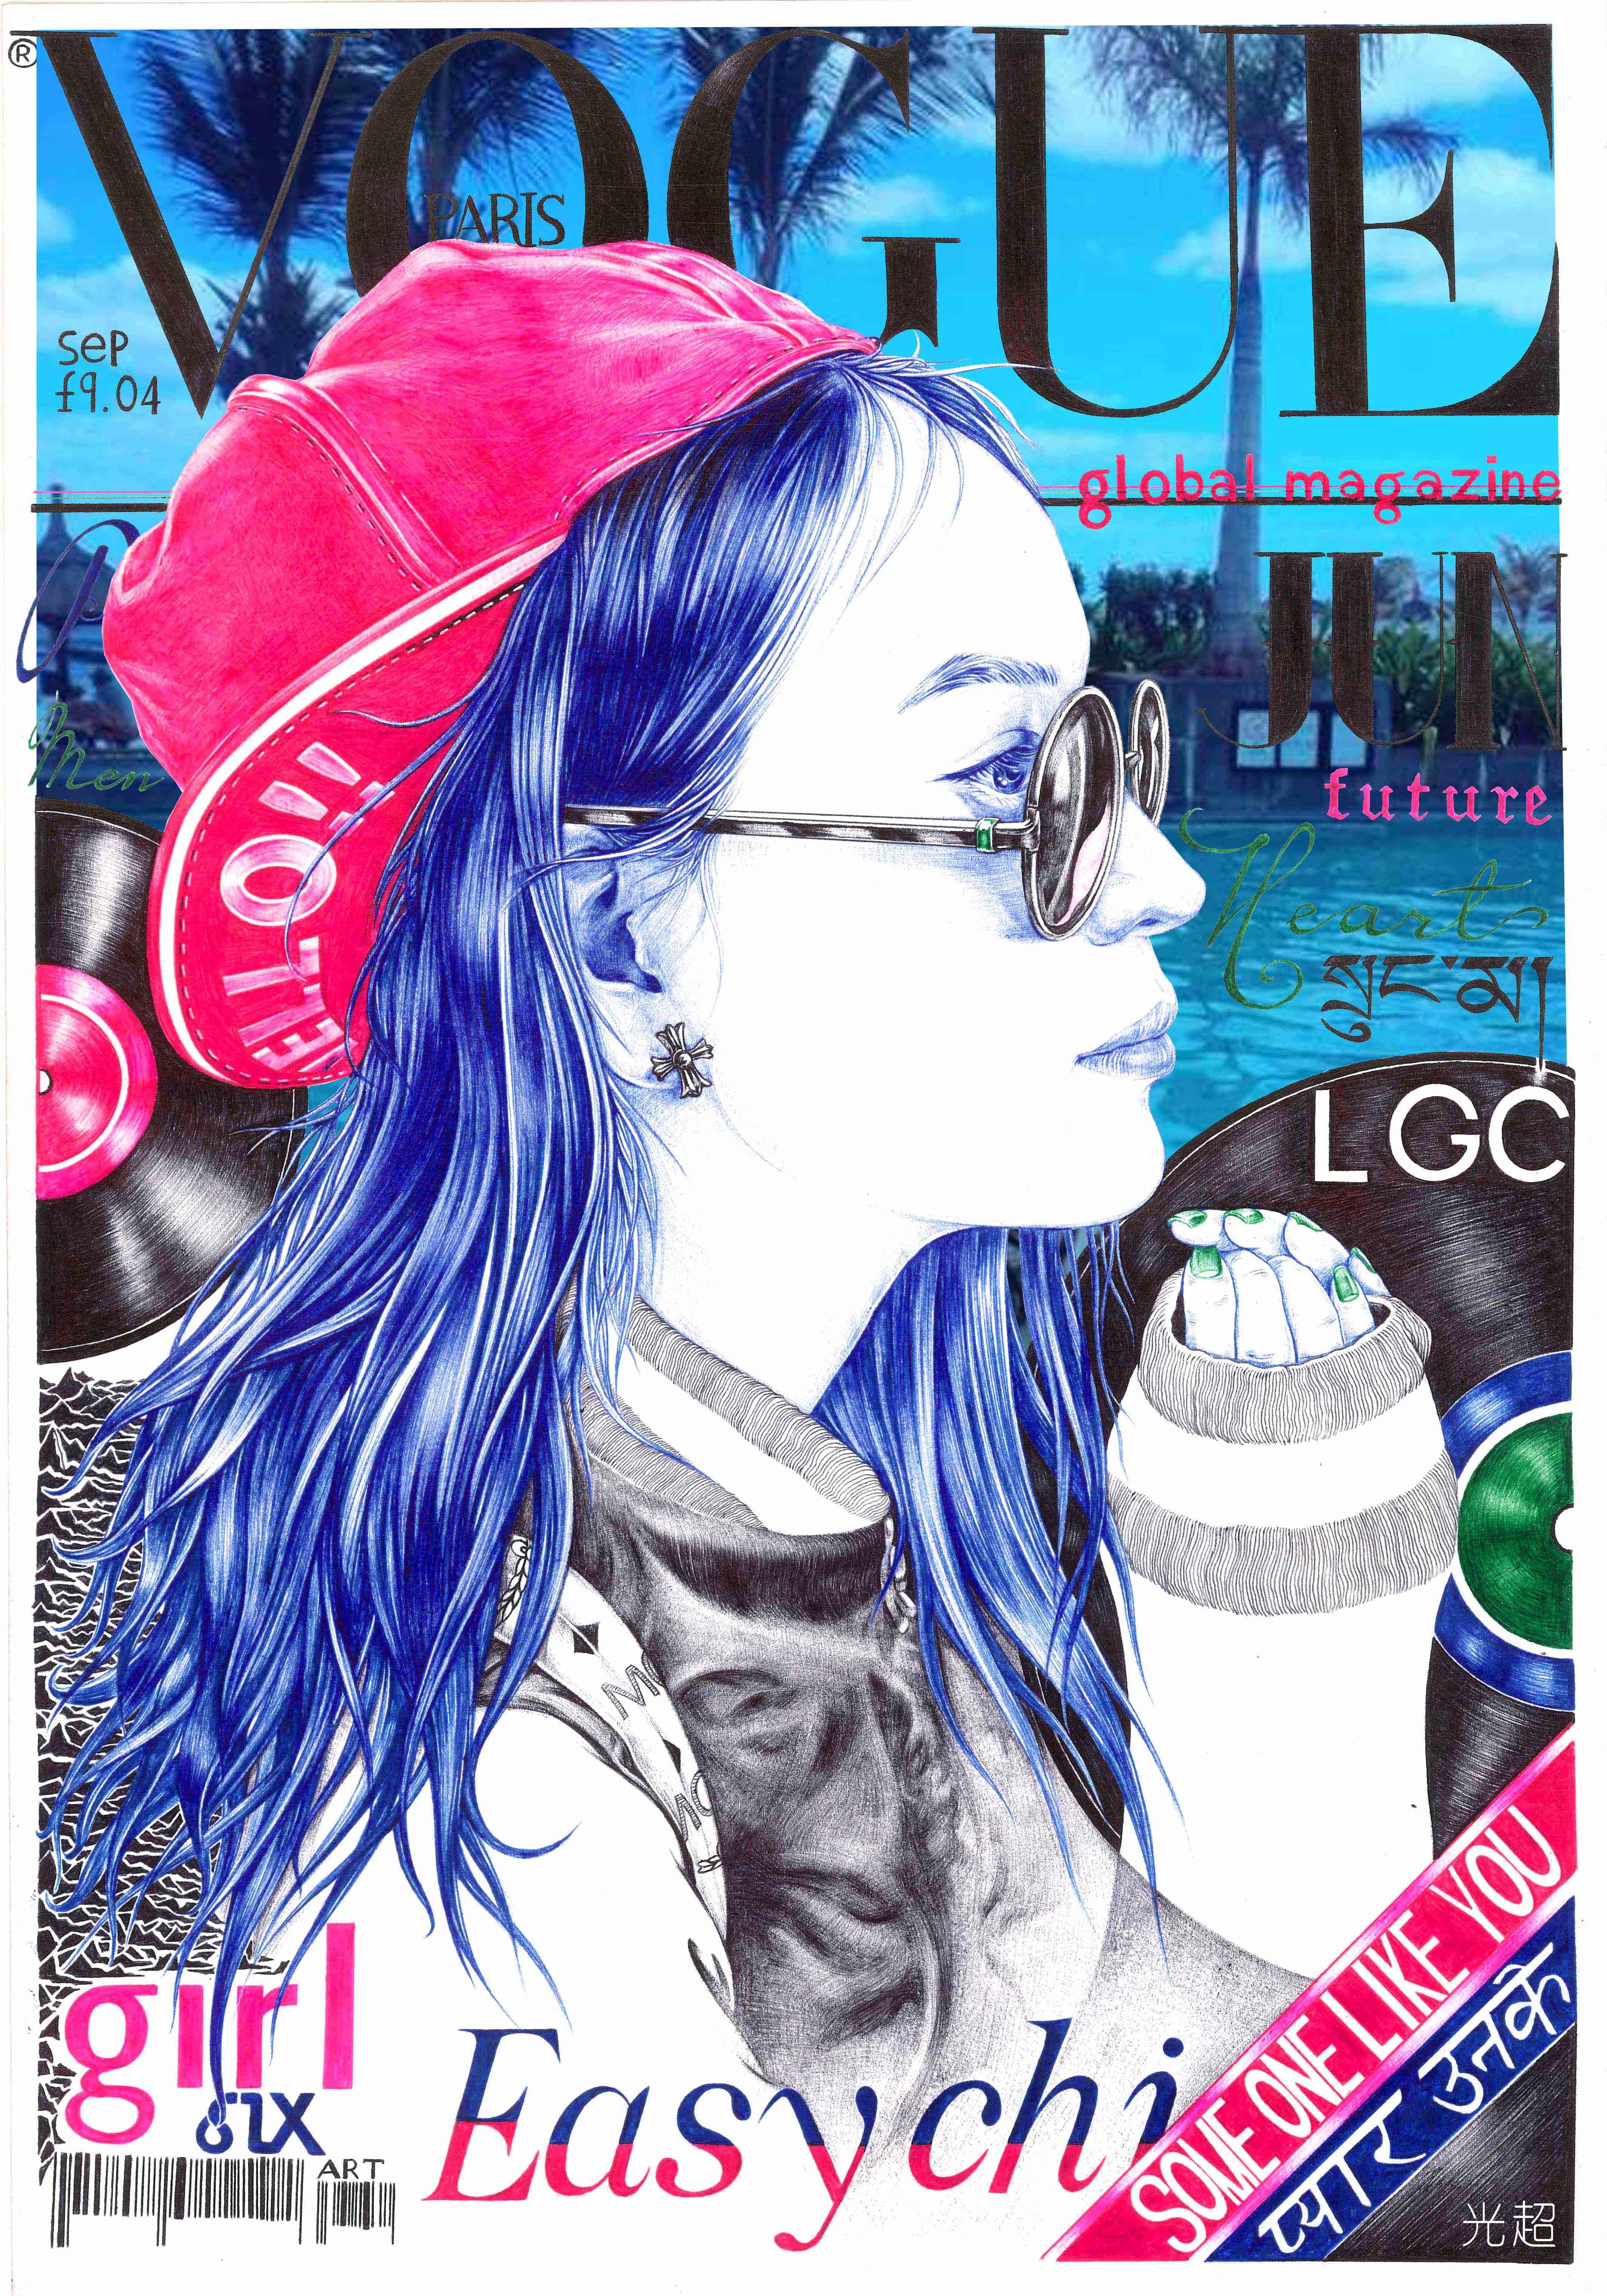 《vogue》 杂志封面彩色手绘